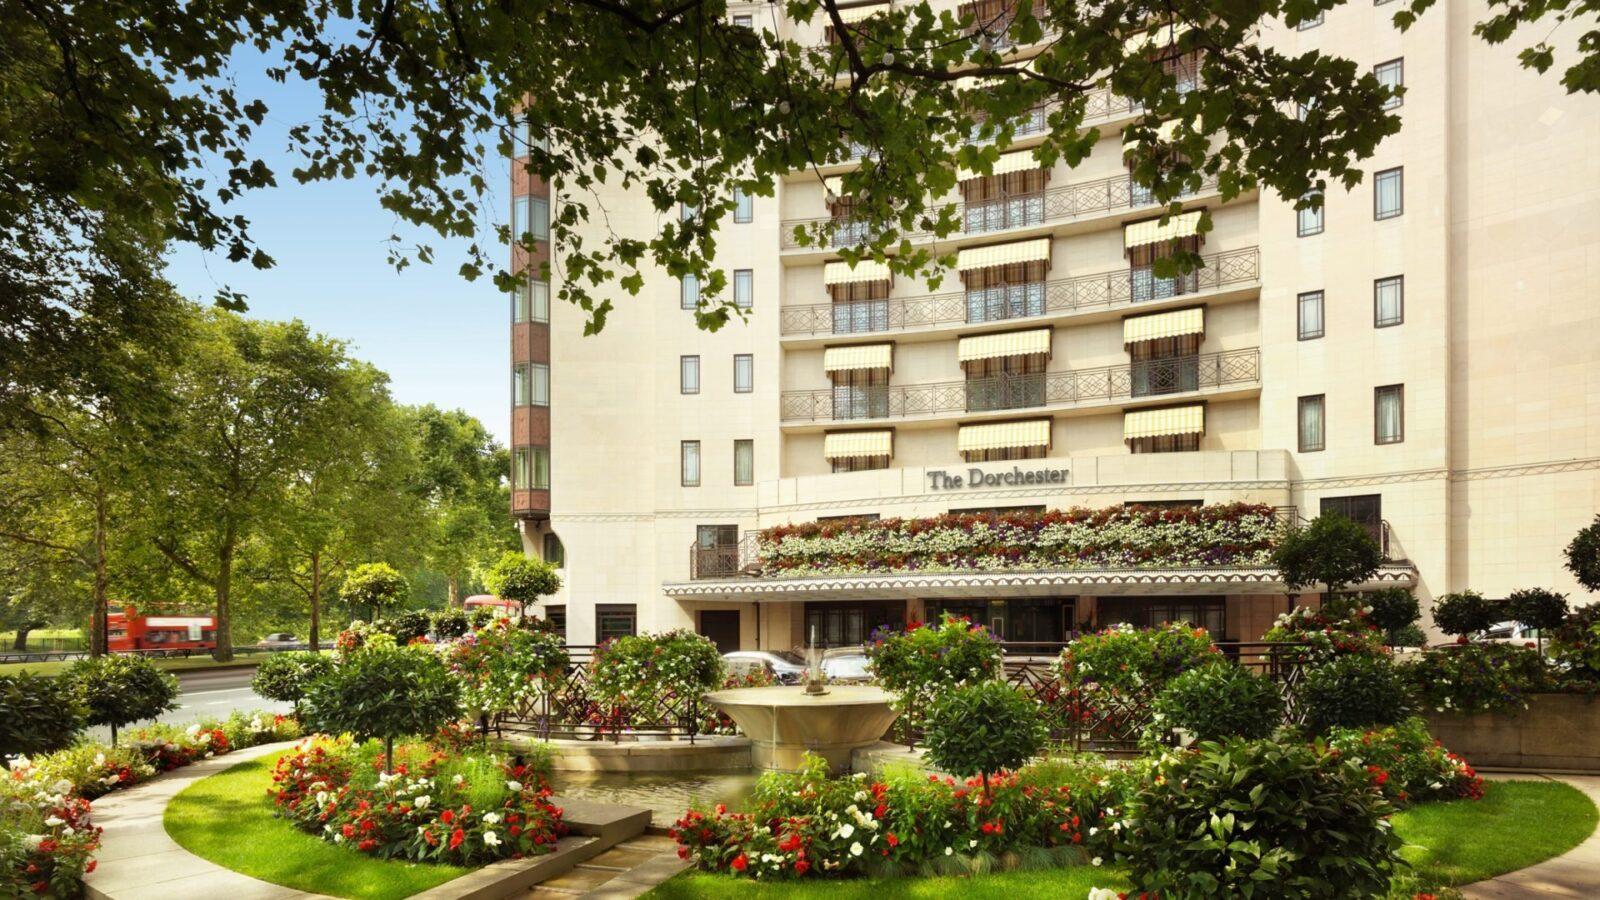 Star Hotels In London